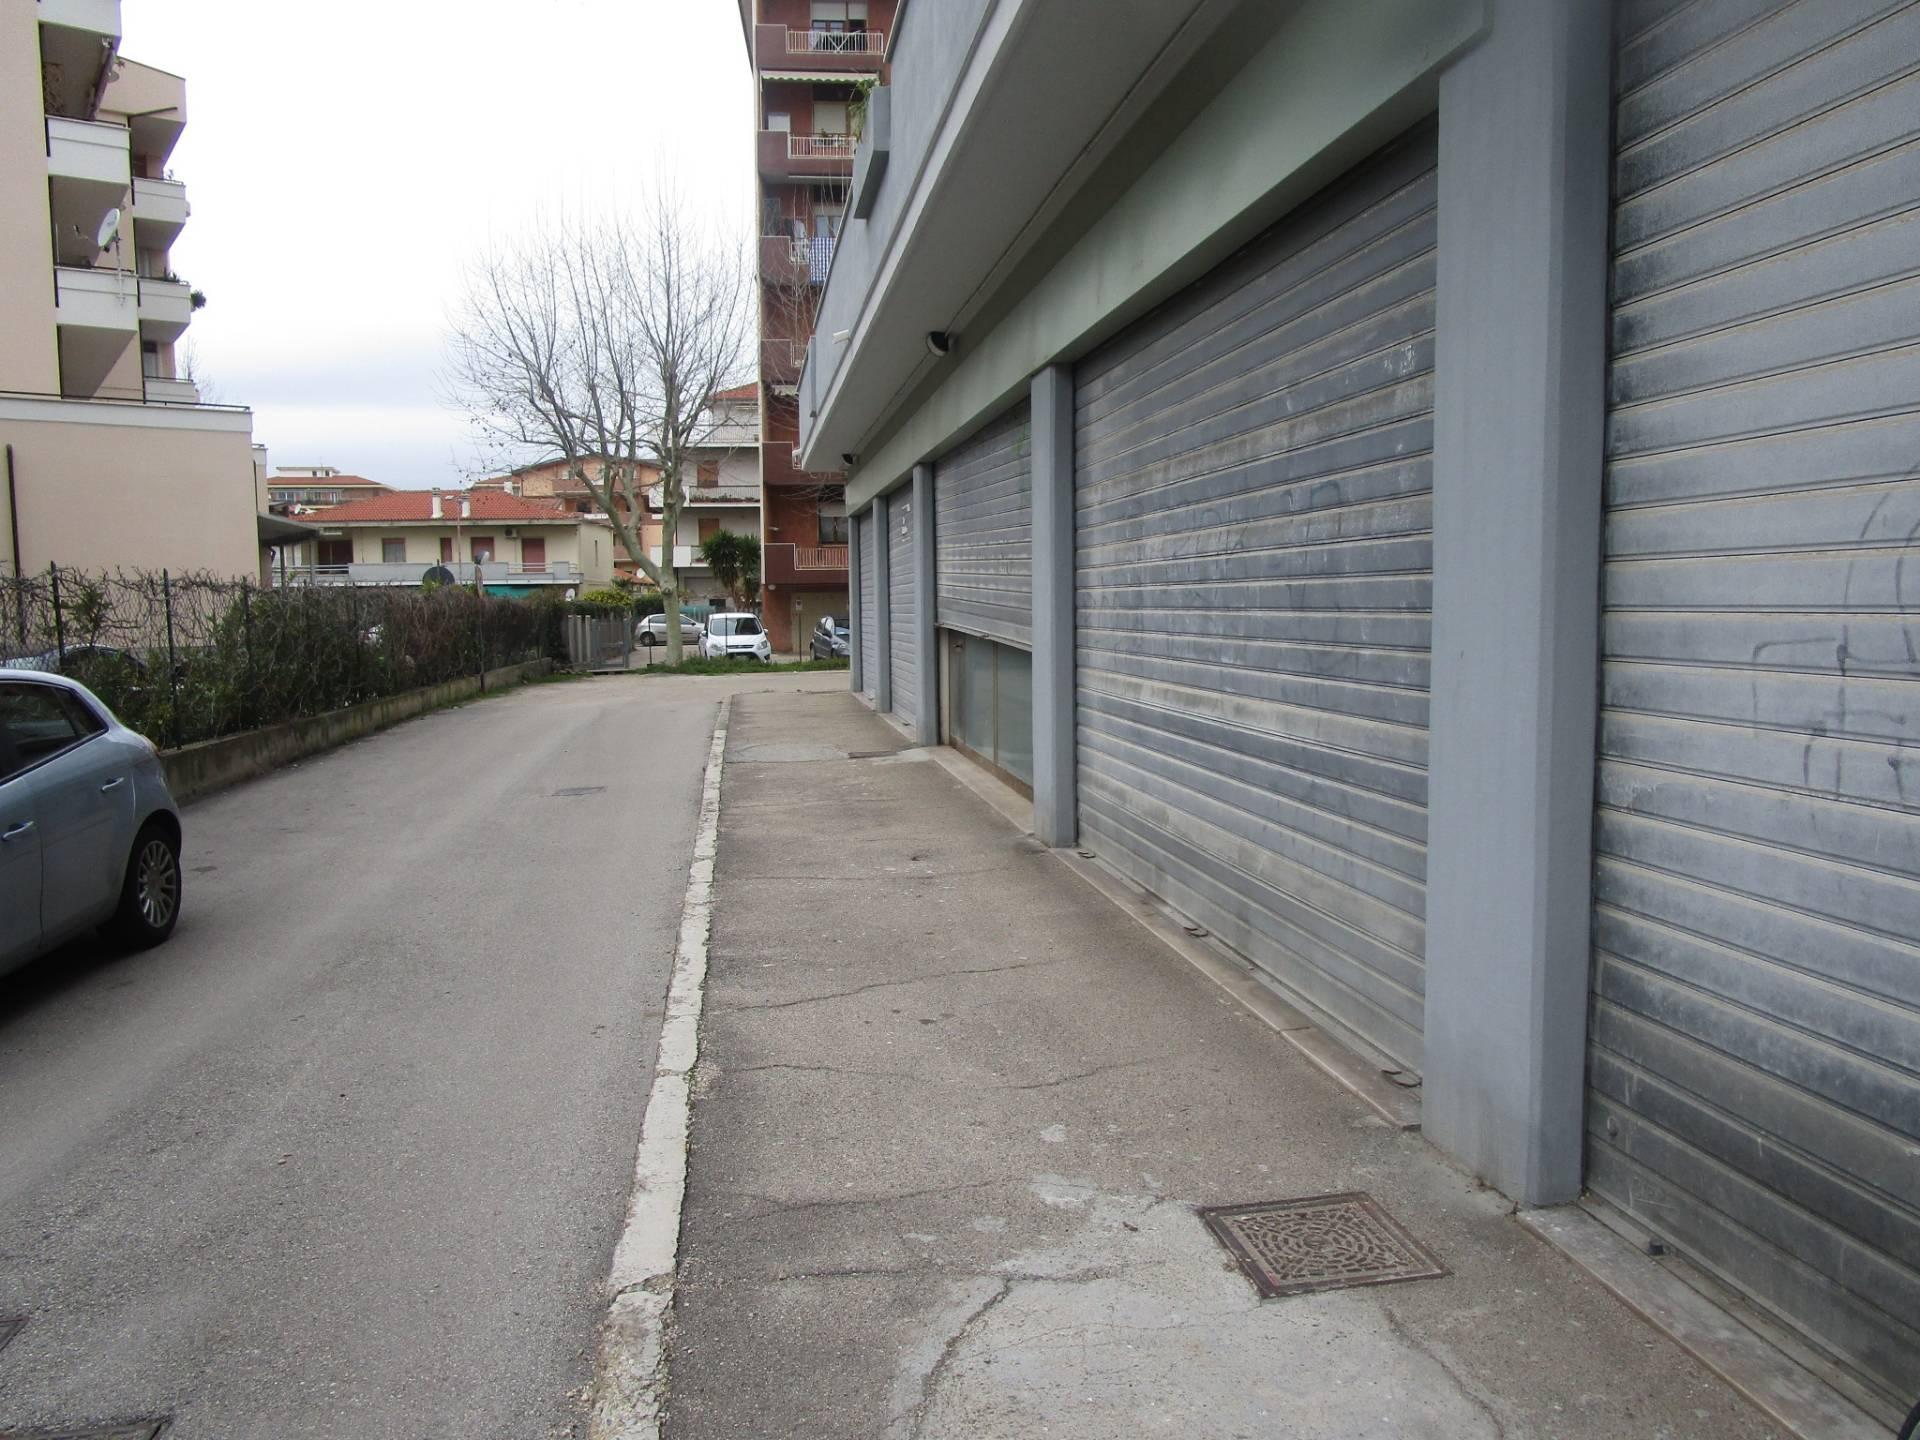 Negozio / Locale in affitto a Pescara, 9999 locali, zona Località: ZonaNord, prezzo € 2.500 | CambioCasa.it